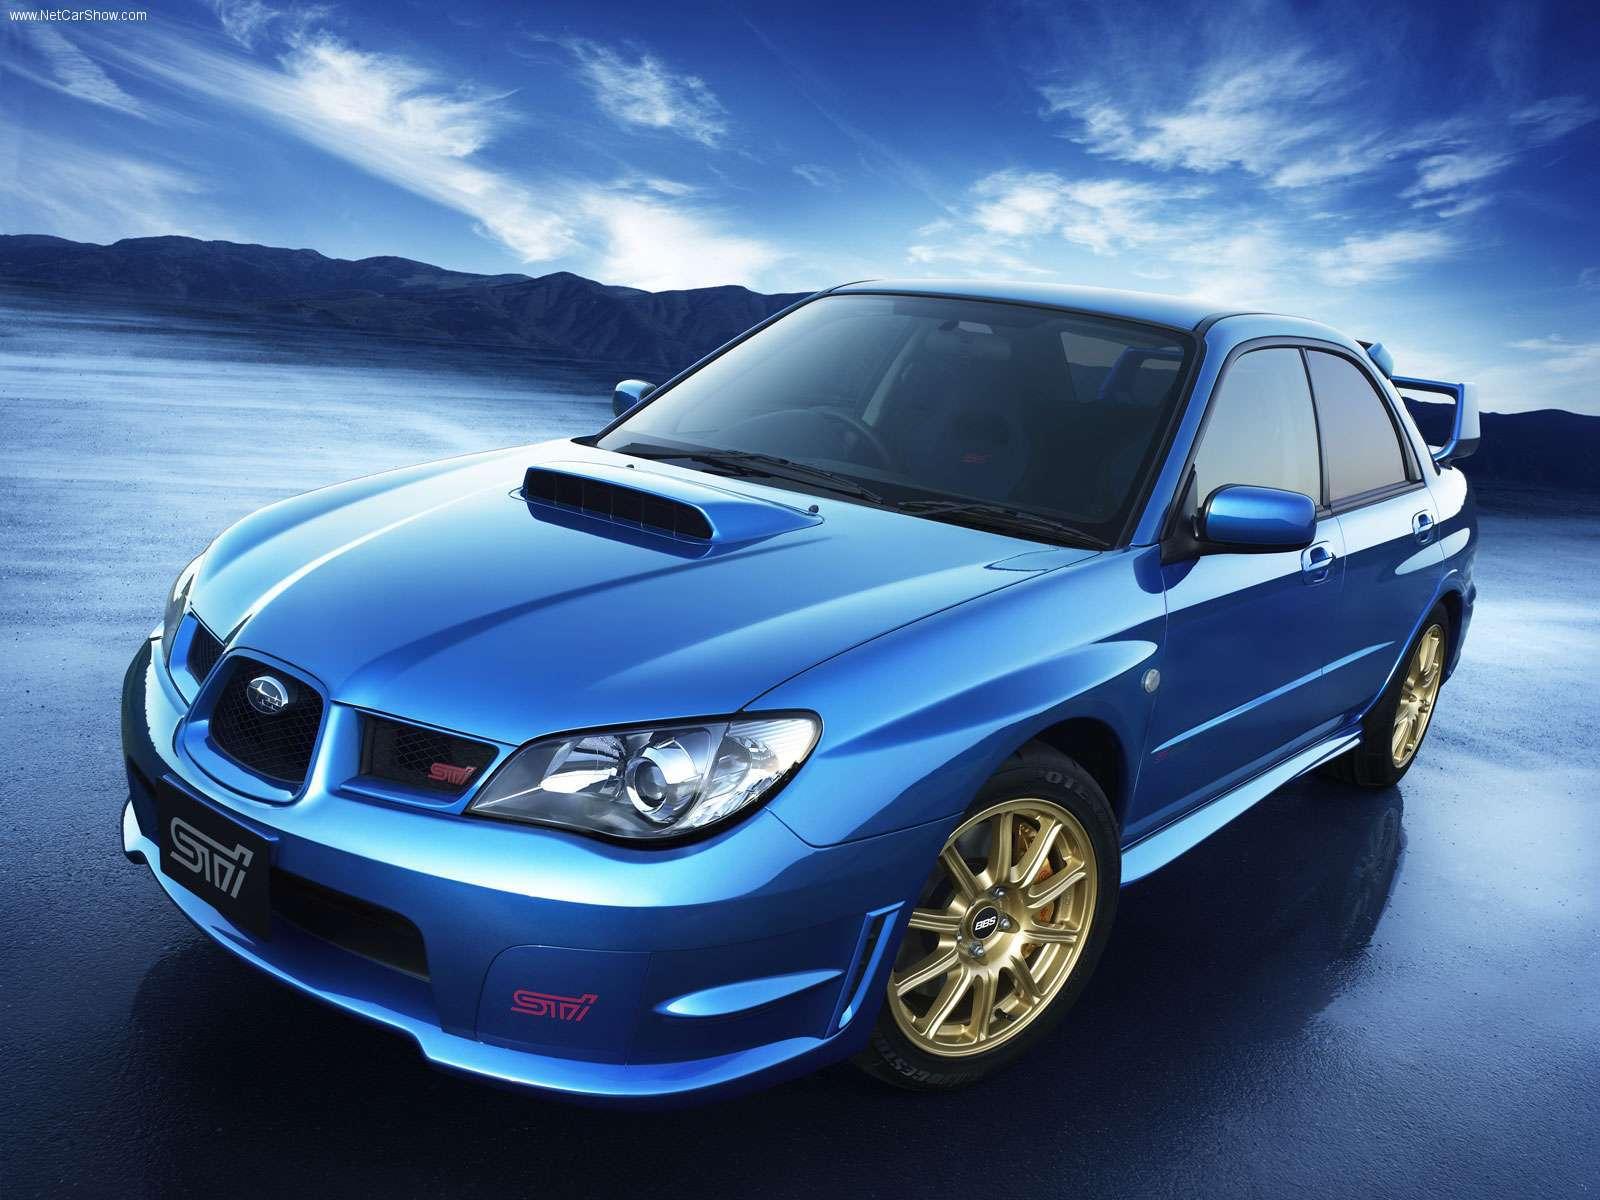 Картинки по запросу Subaru Impreza фото